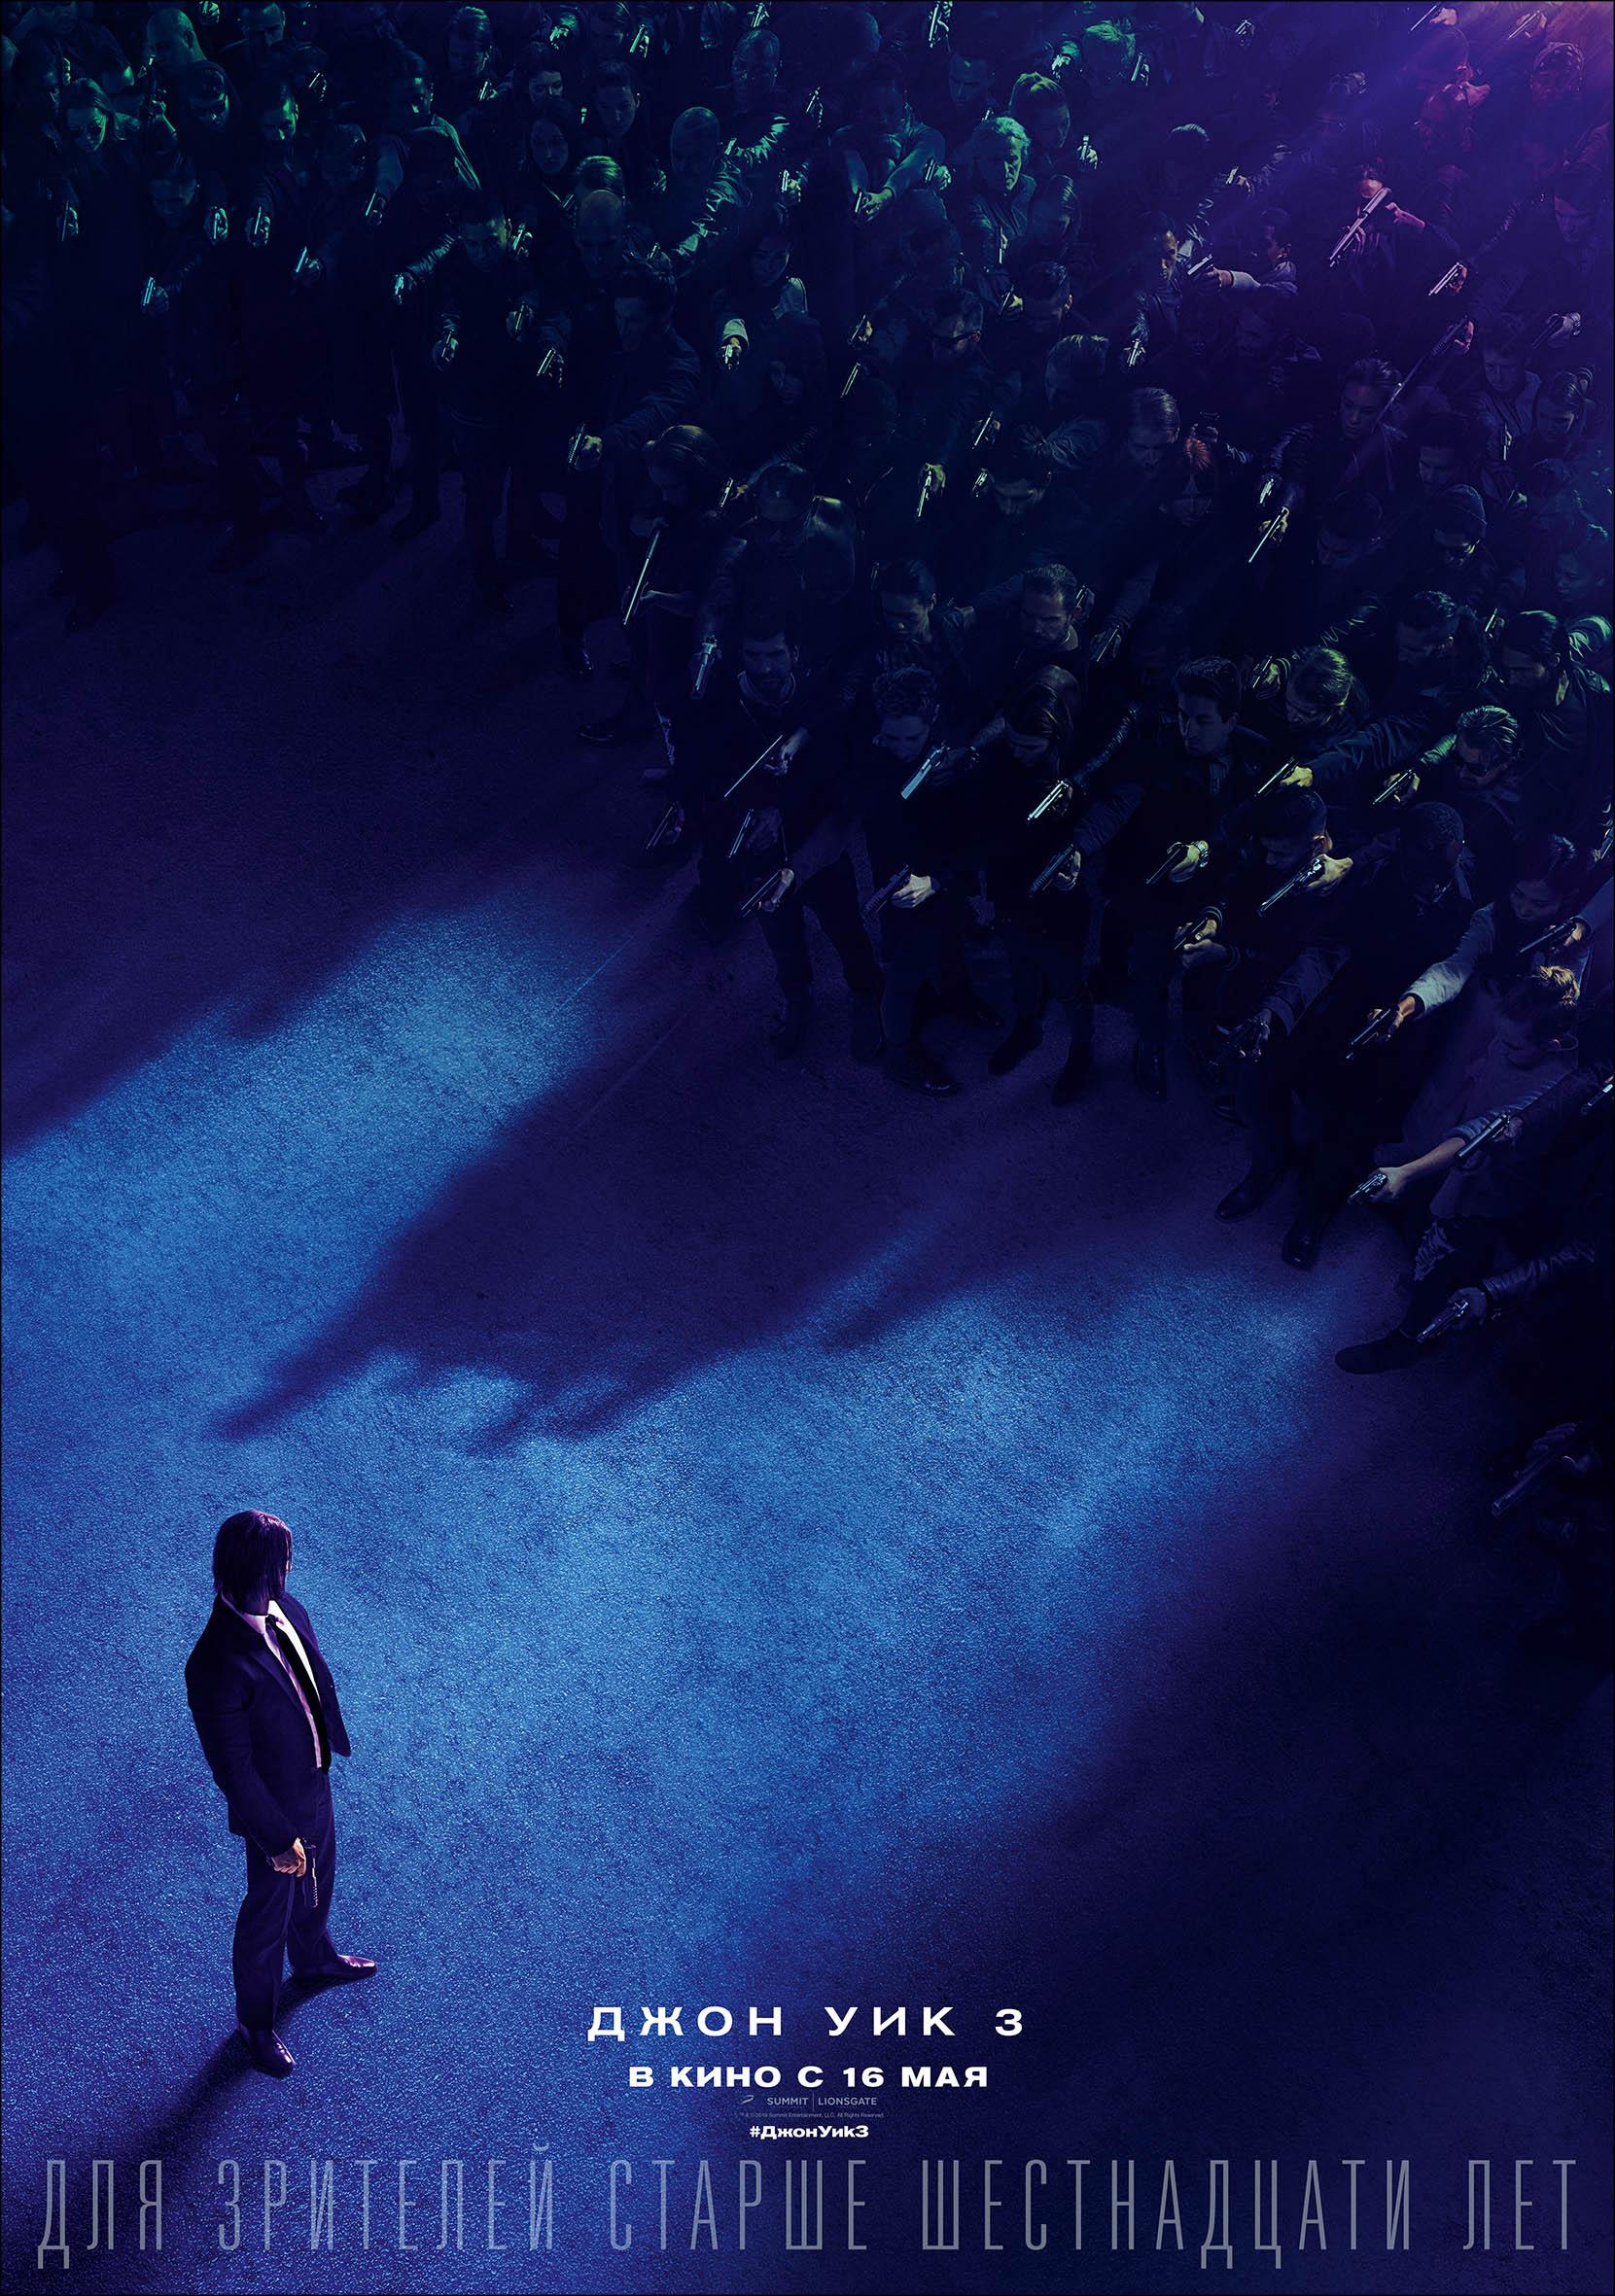 Постер фильма «Джон Уик 3»